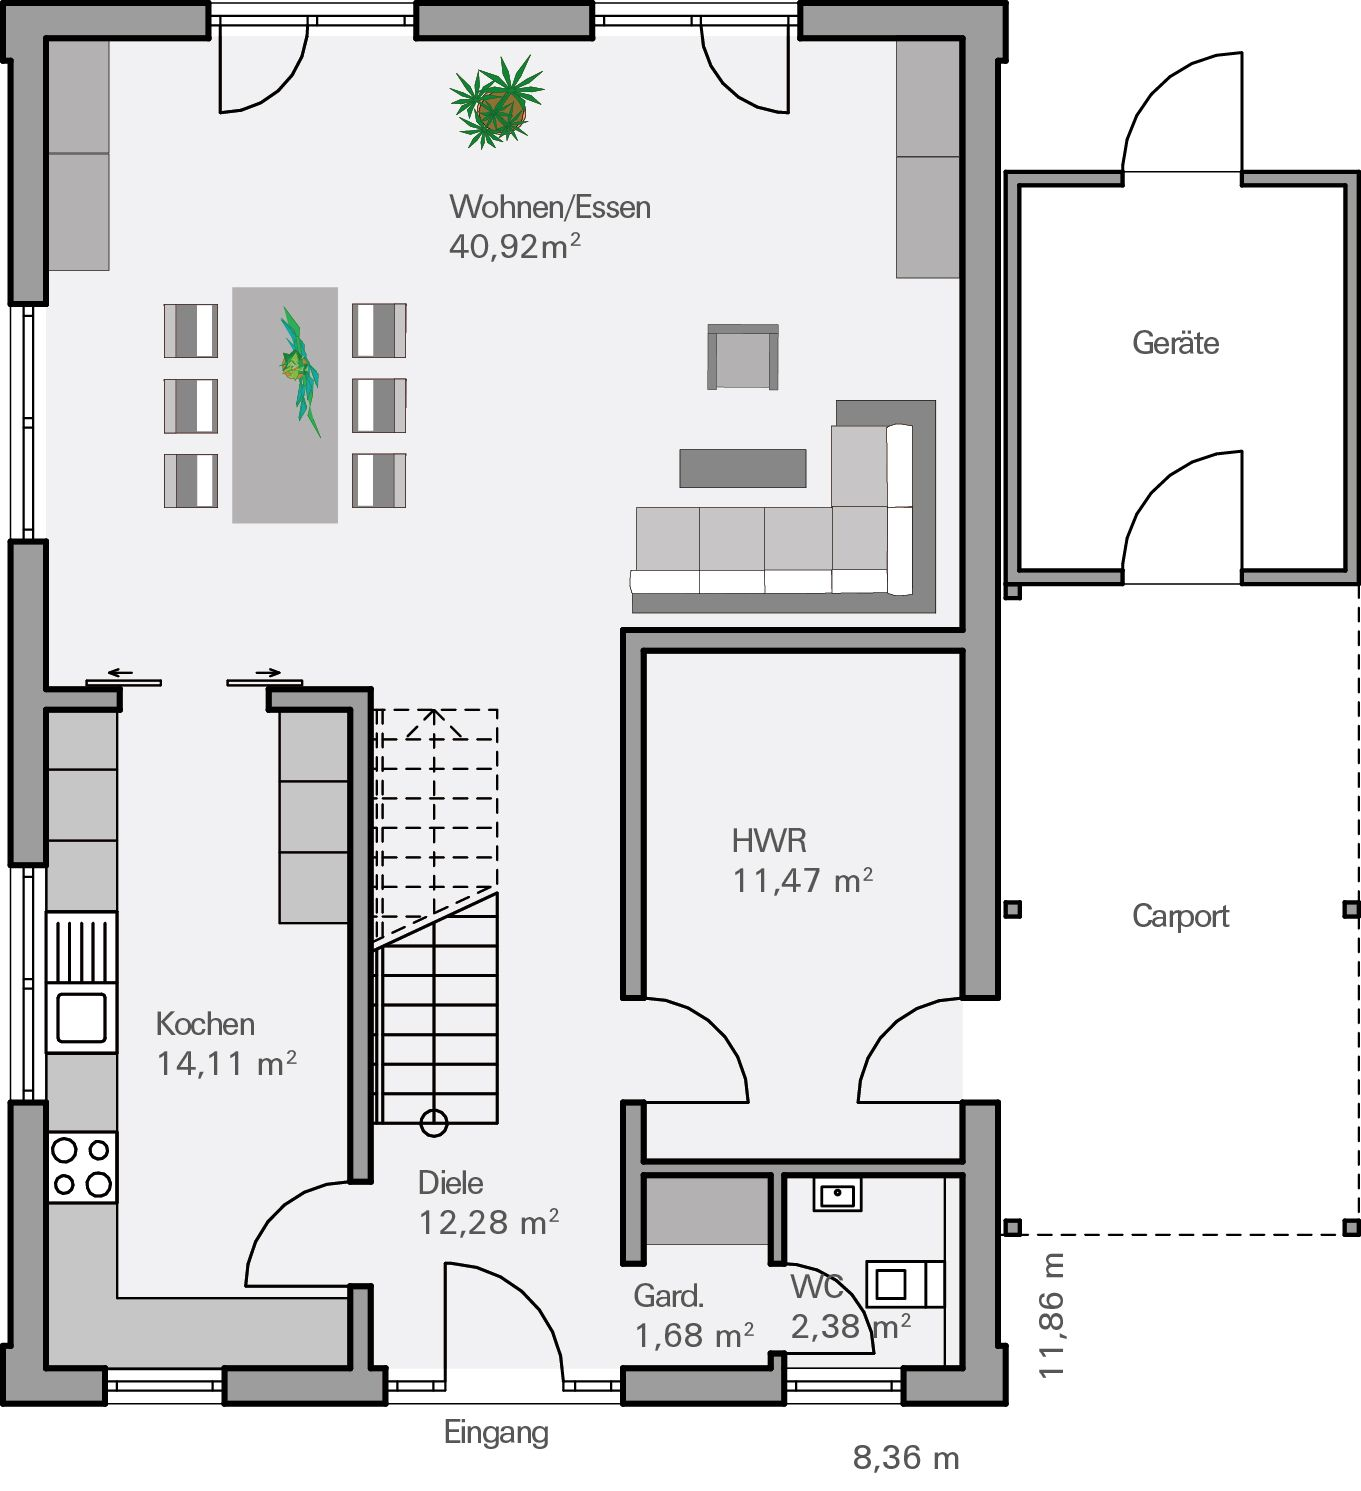 grundriss eg vollrath architektur house home decor und architecture. Black Bedroom Furniture Sets. Home Design Ideas